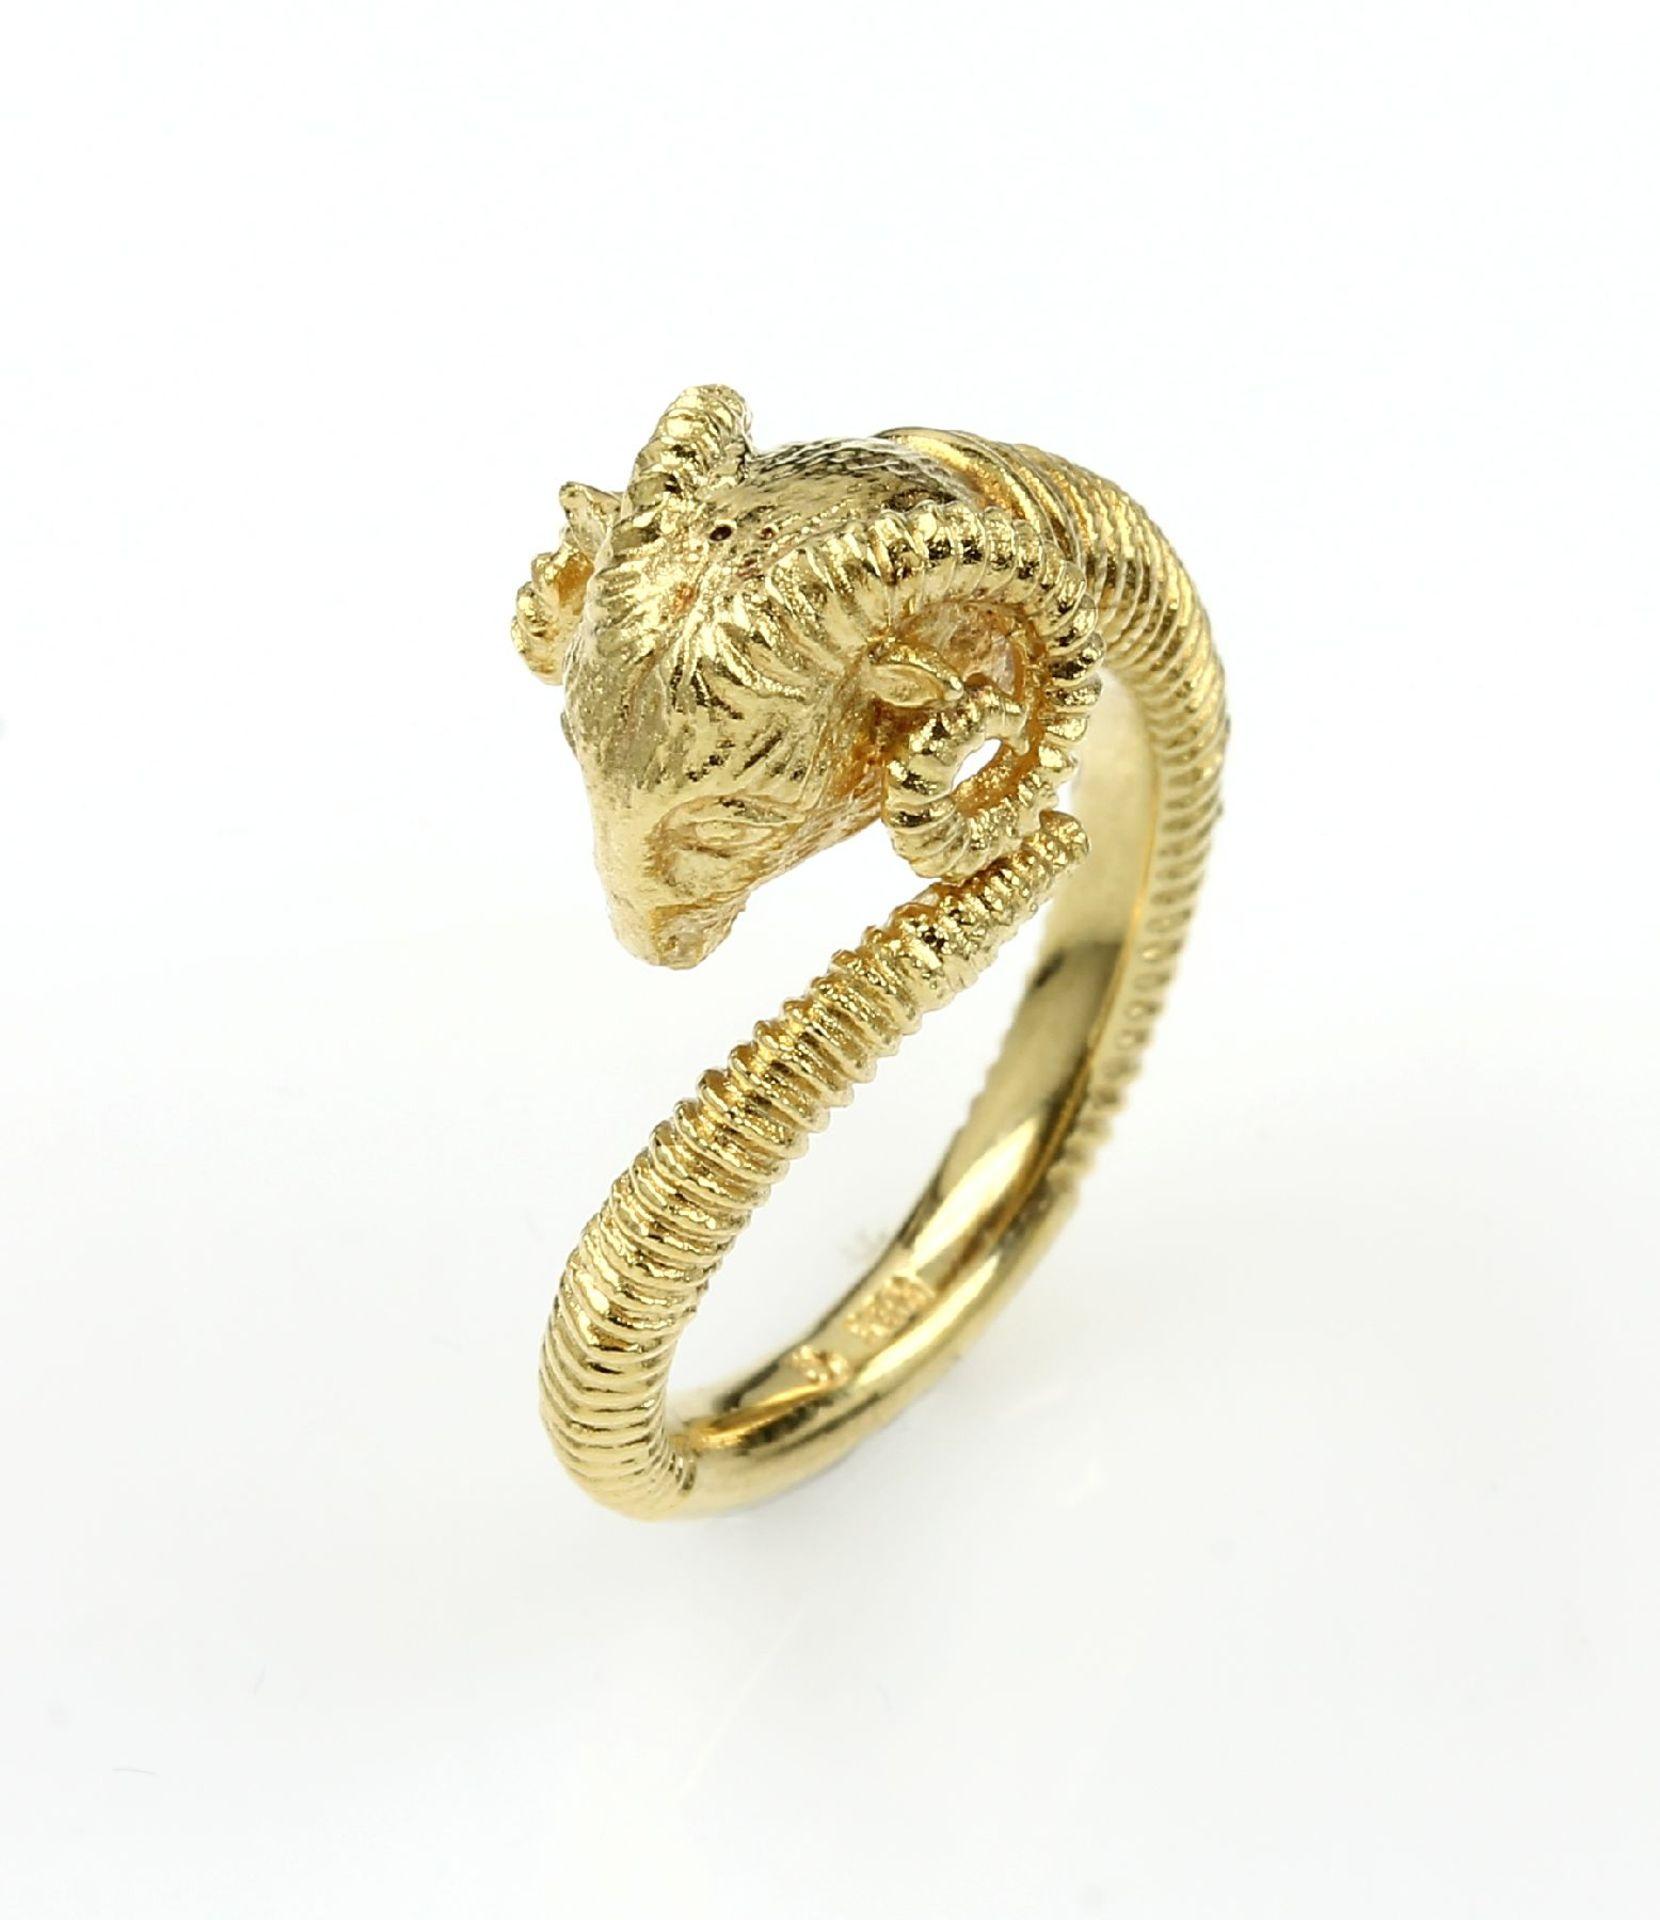 14 kt Gold Ring mit Widderkopf, GG 585/000, graviert, total ca. 9.0 g, Meistermarke Zerrenner, RW